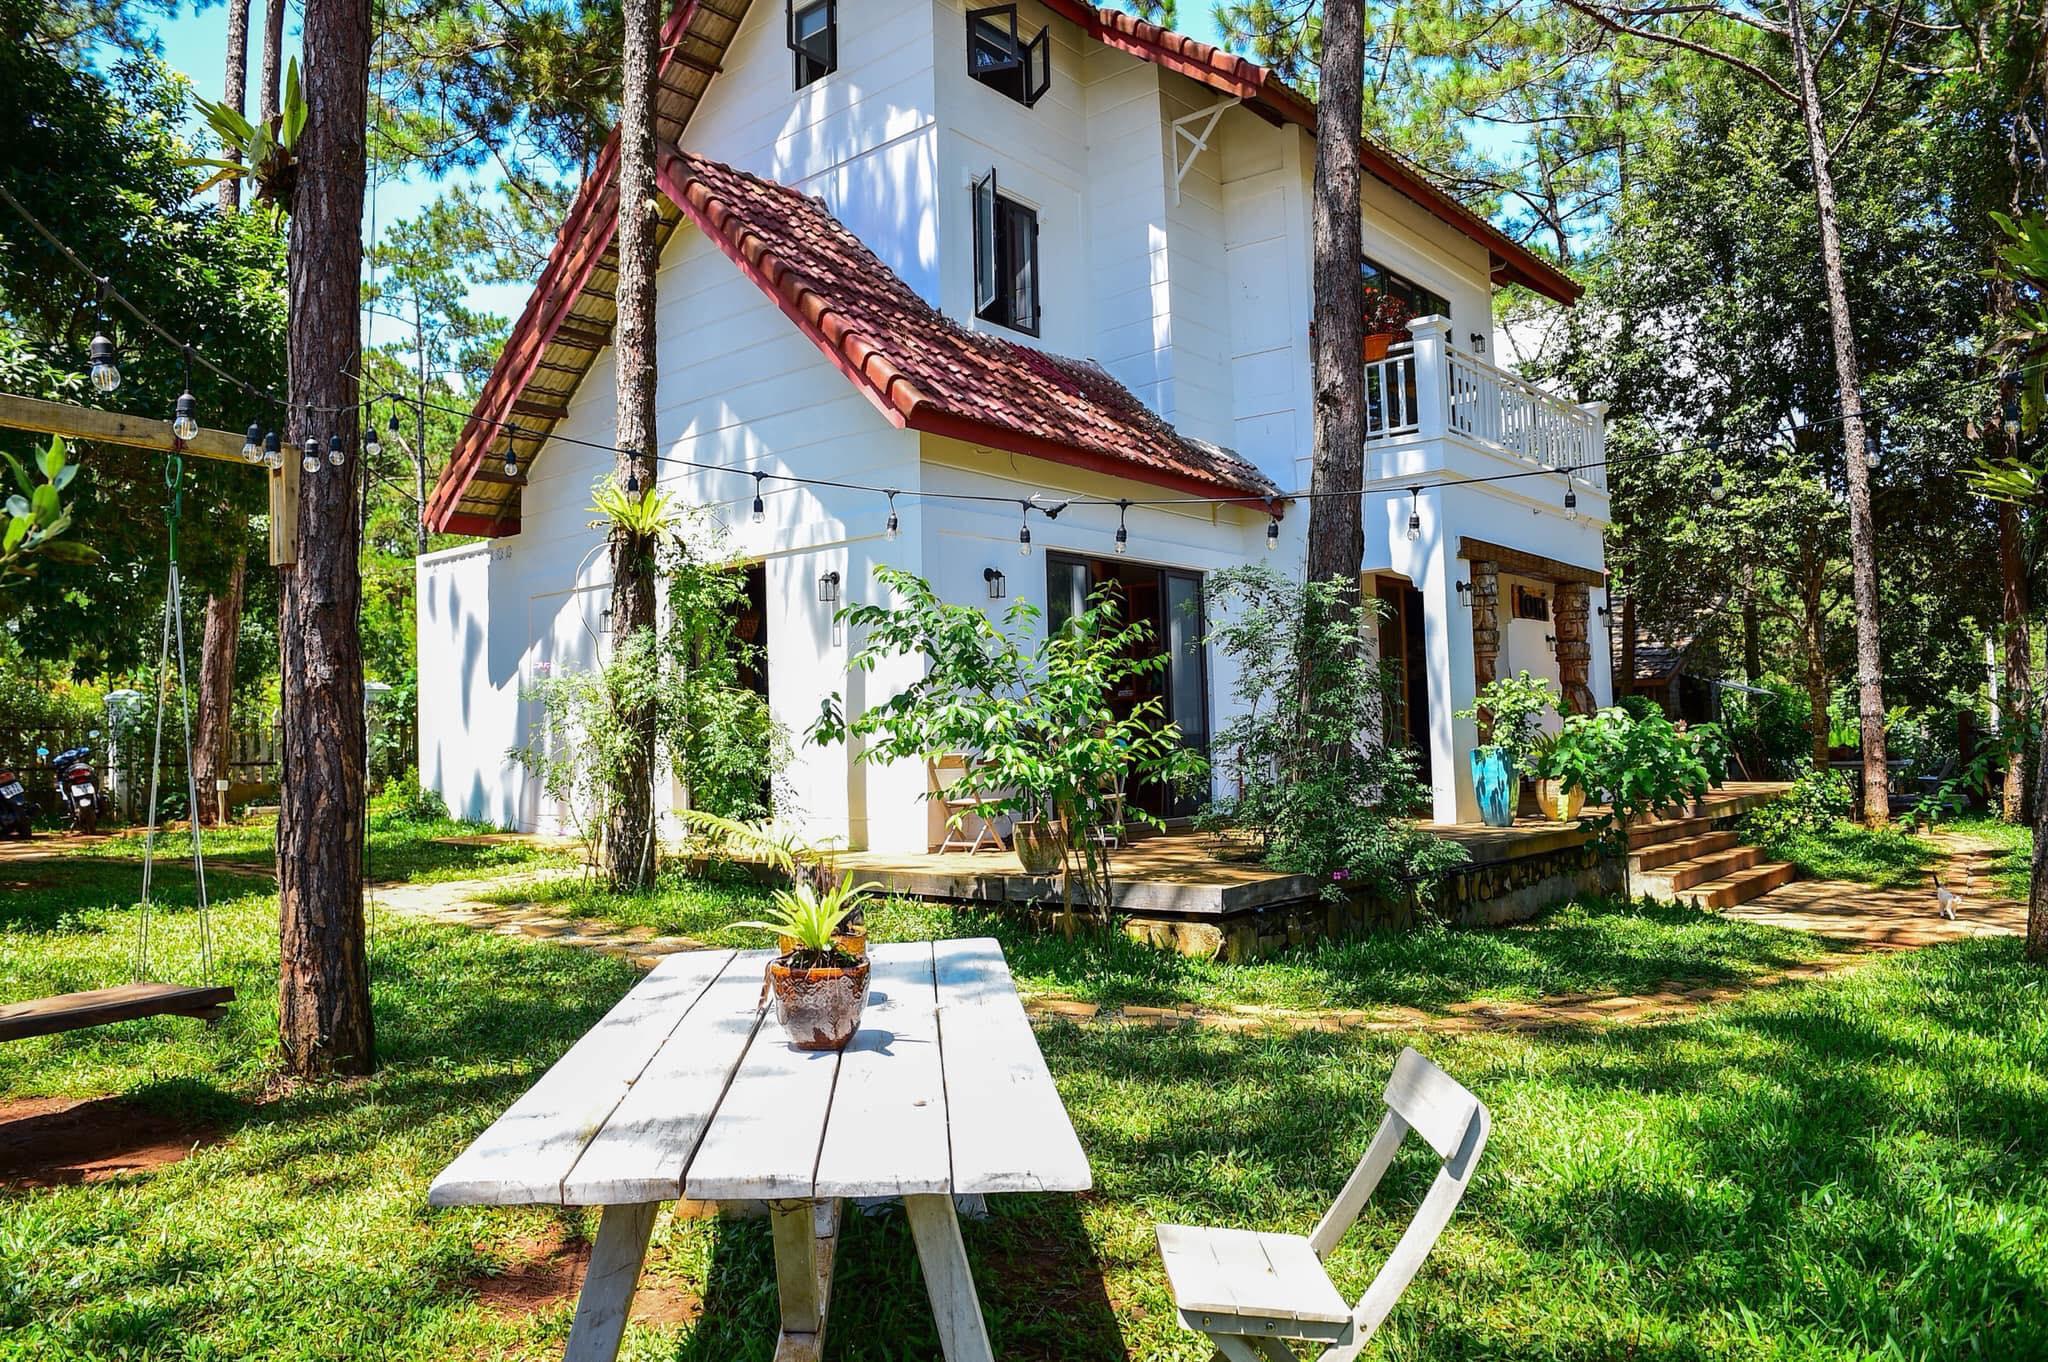 10 Khách sạn, nhà nghỉ, homestay Măng Đen Kon Tum giá rẻ đẹp từ 100k